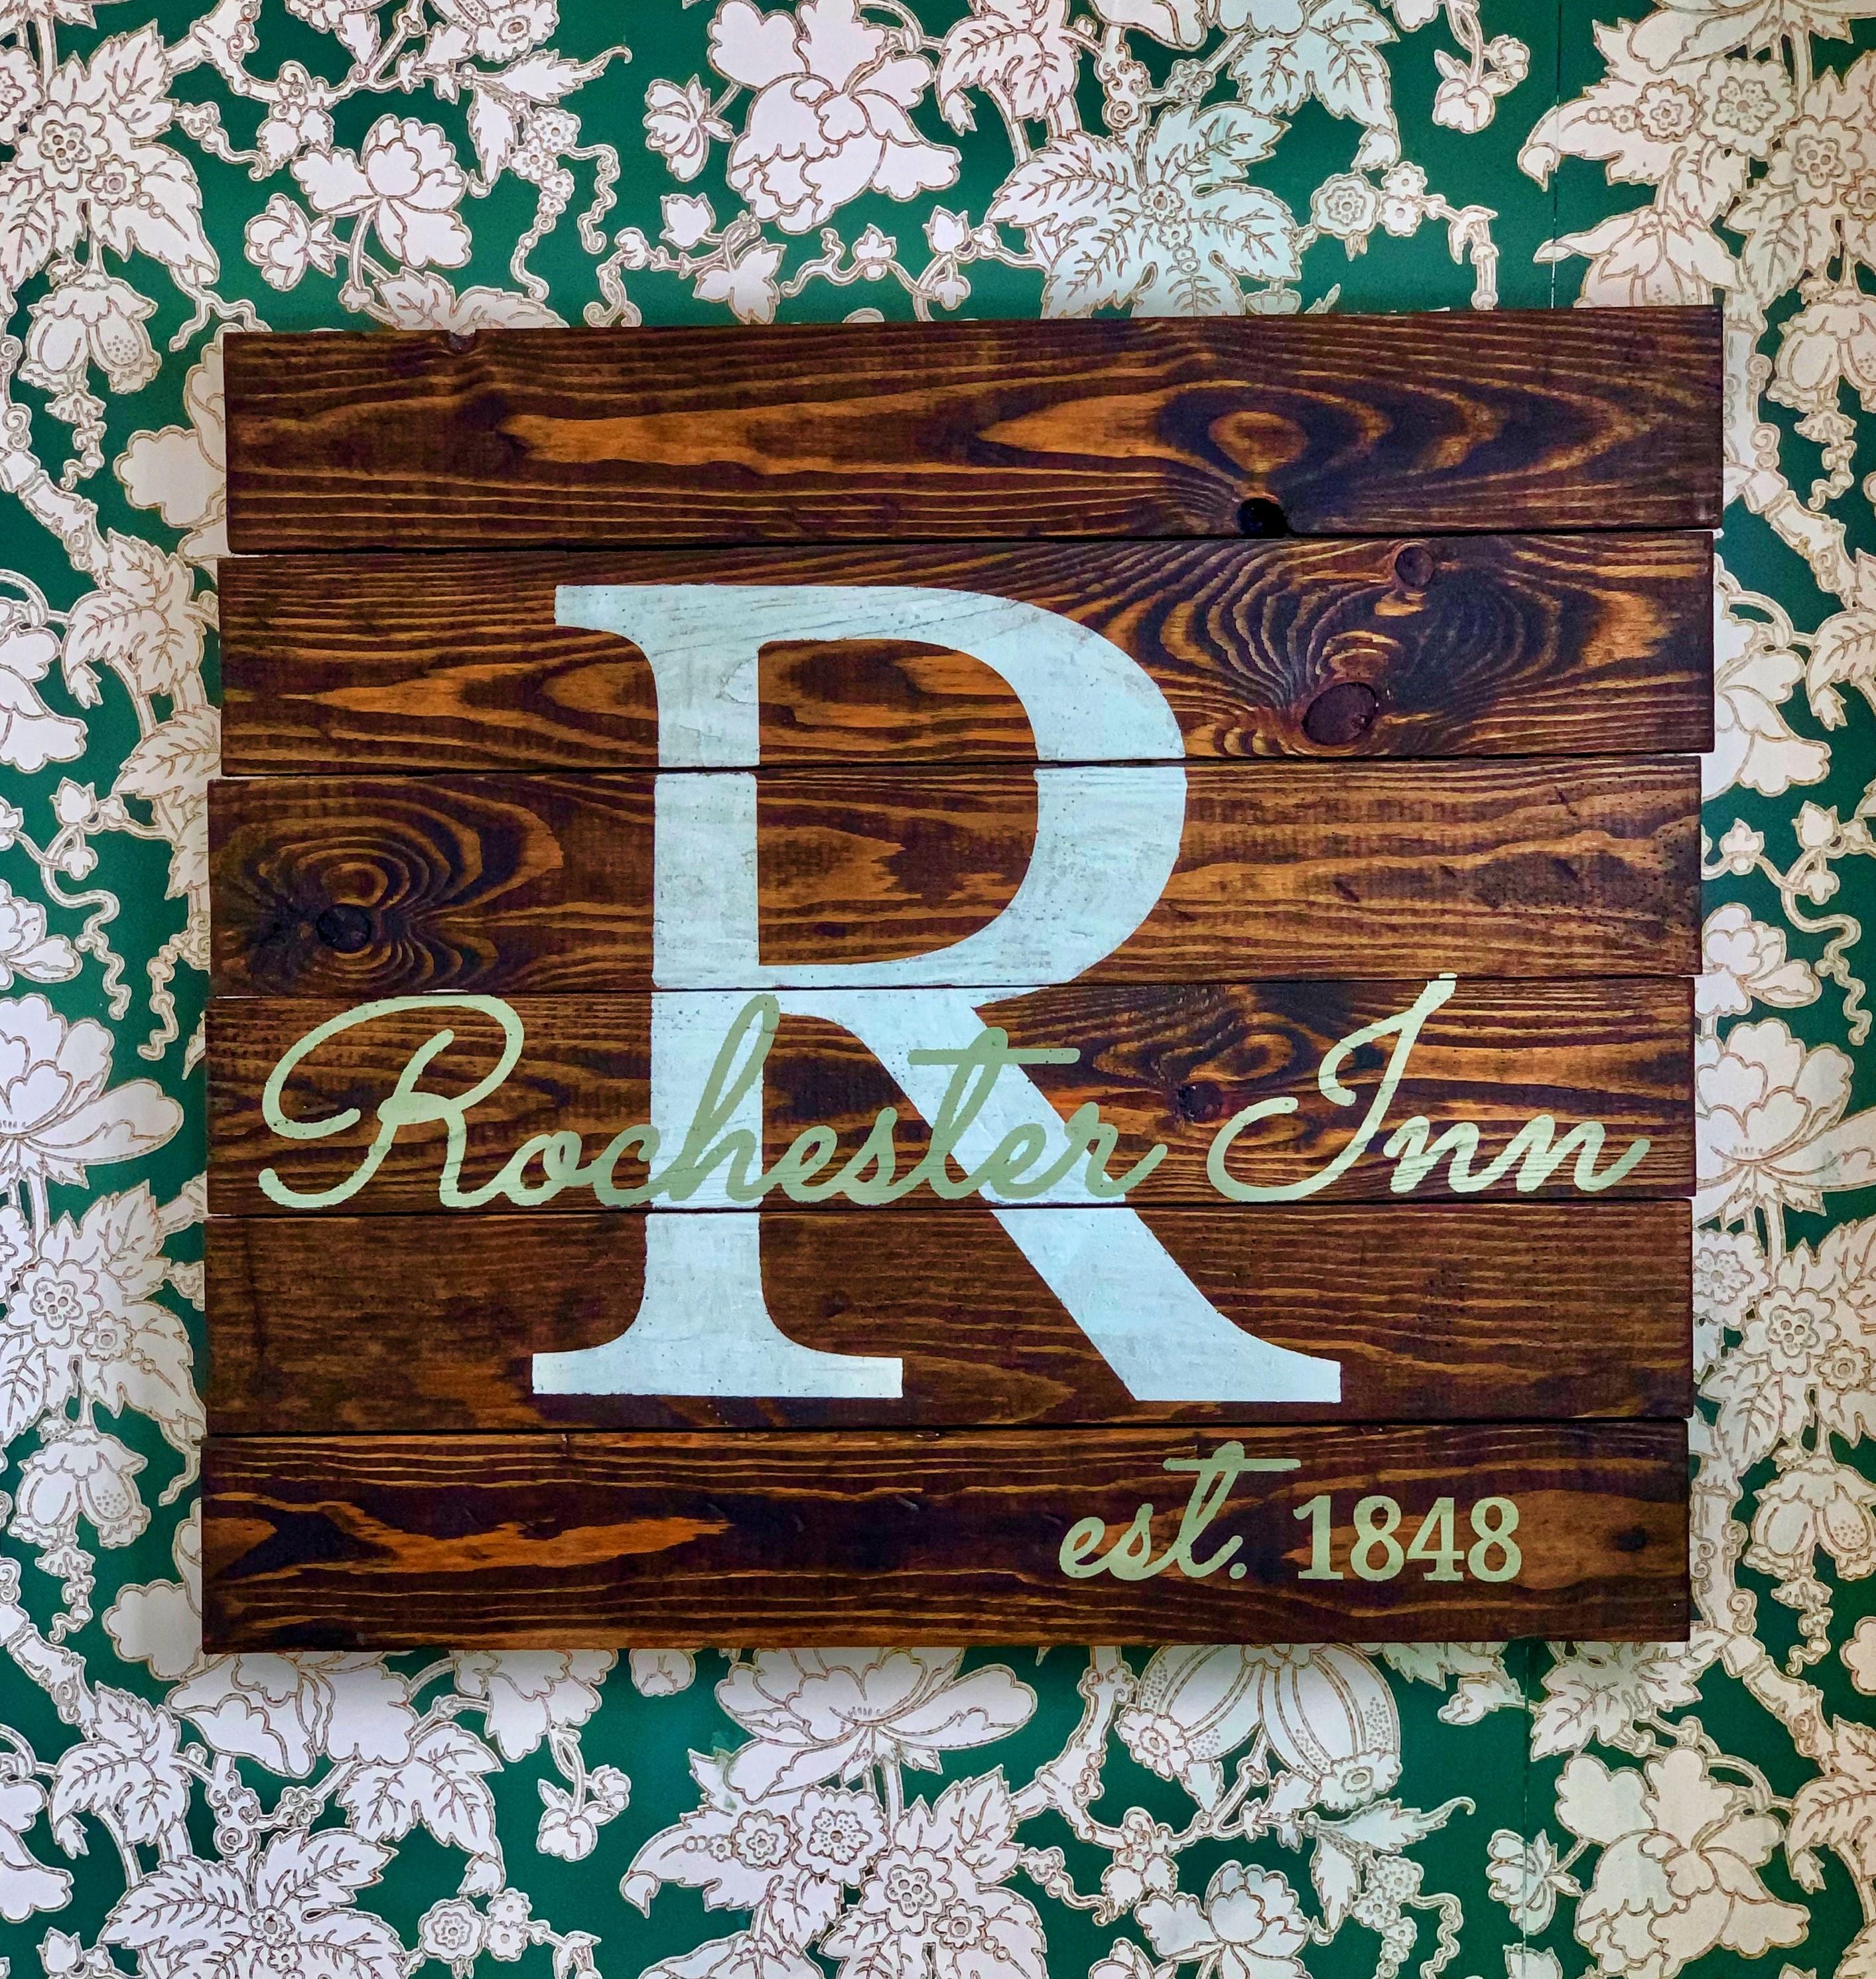 The Rochester Inn sign